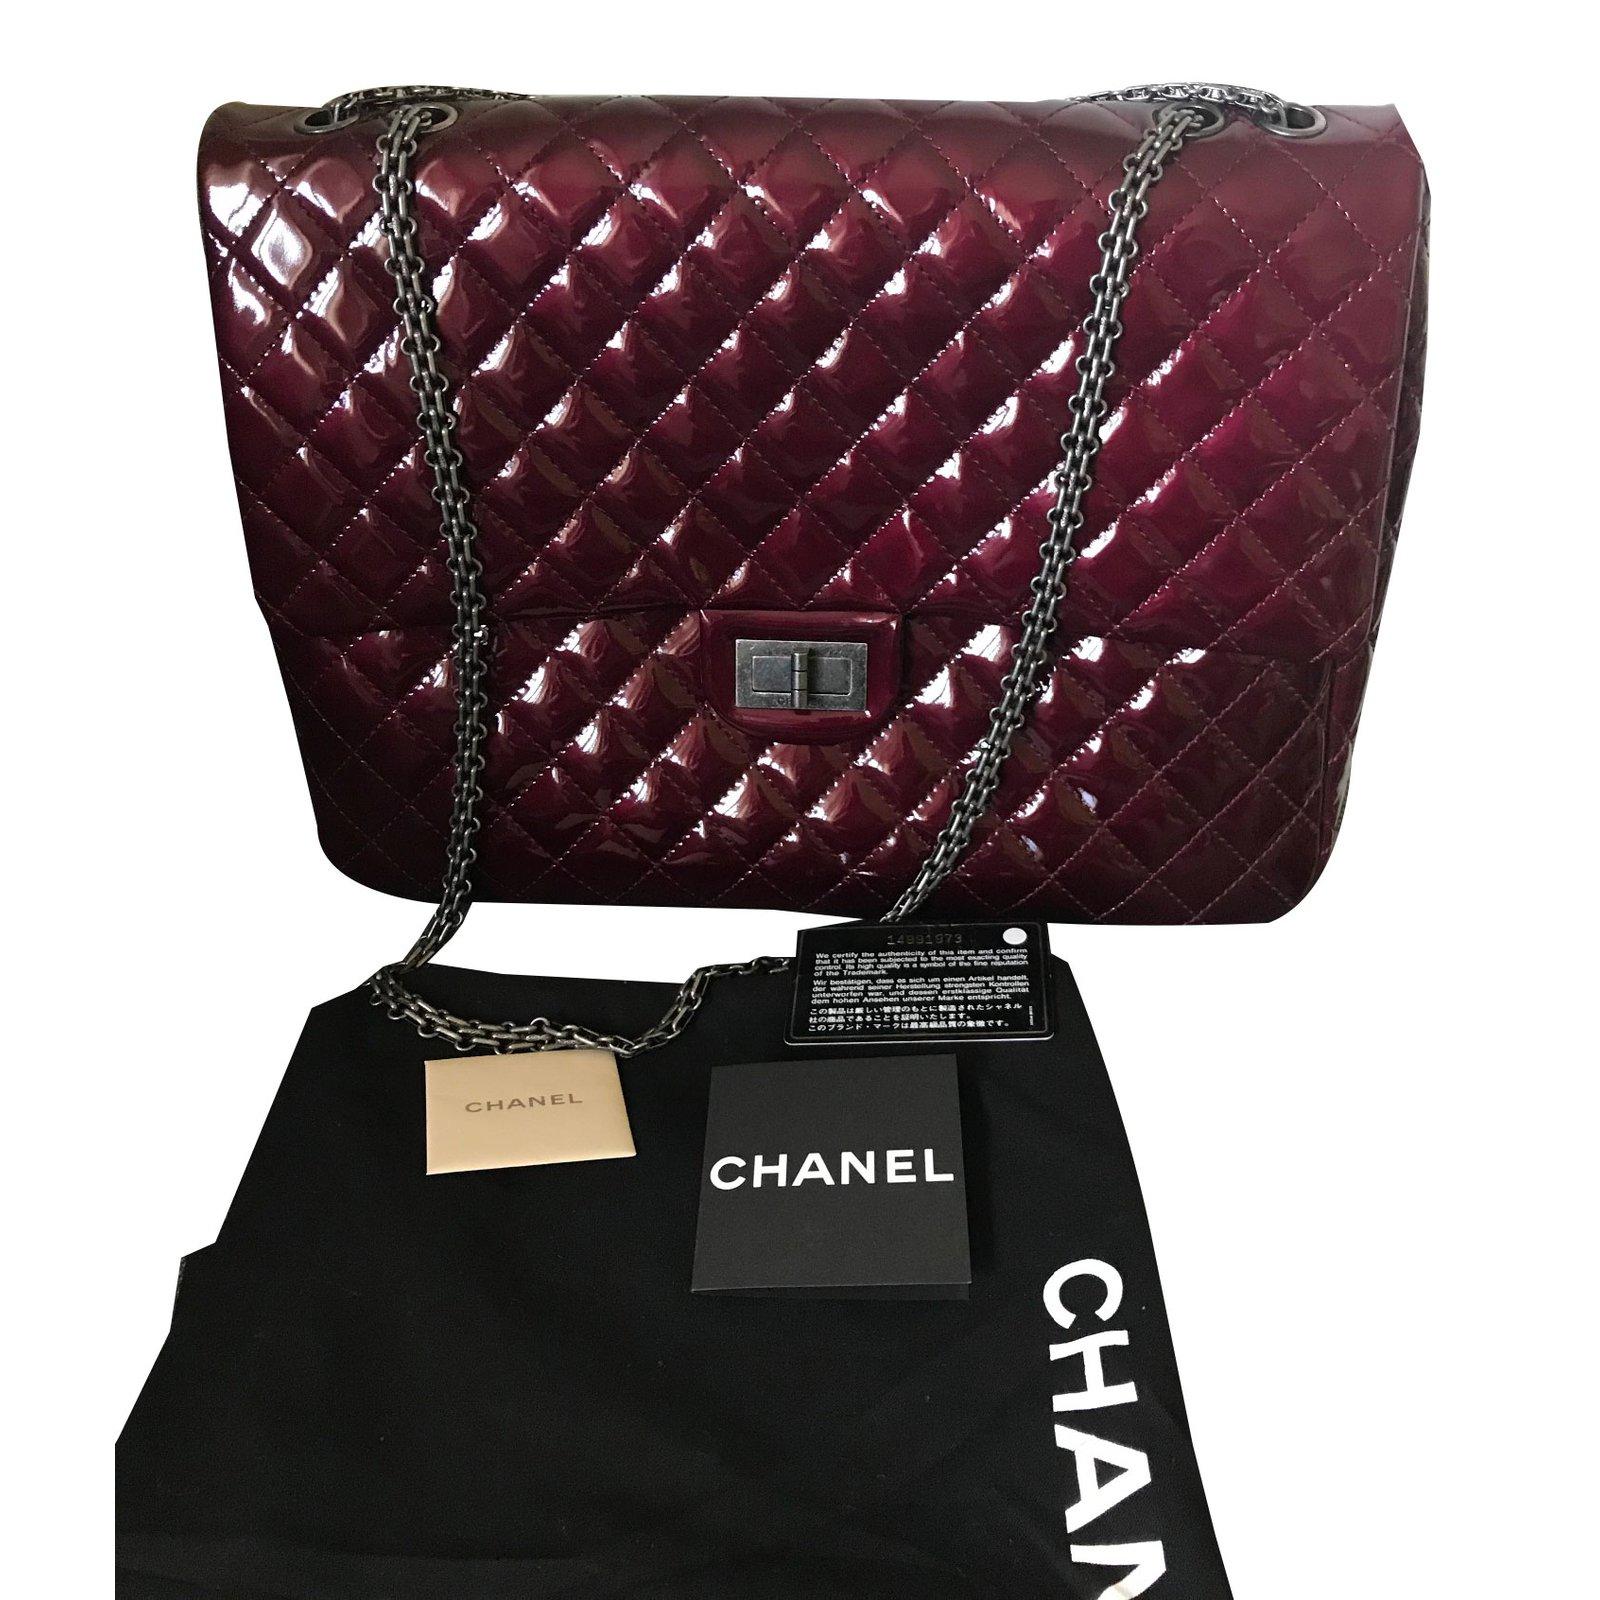 f3a4ac08e00cb2 Chanel 2.55 Handbags Patent leather Dark red ref.76020 - Joli Closet